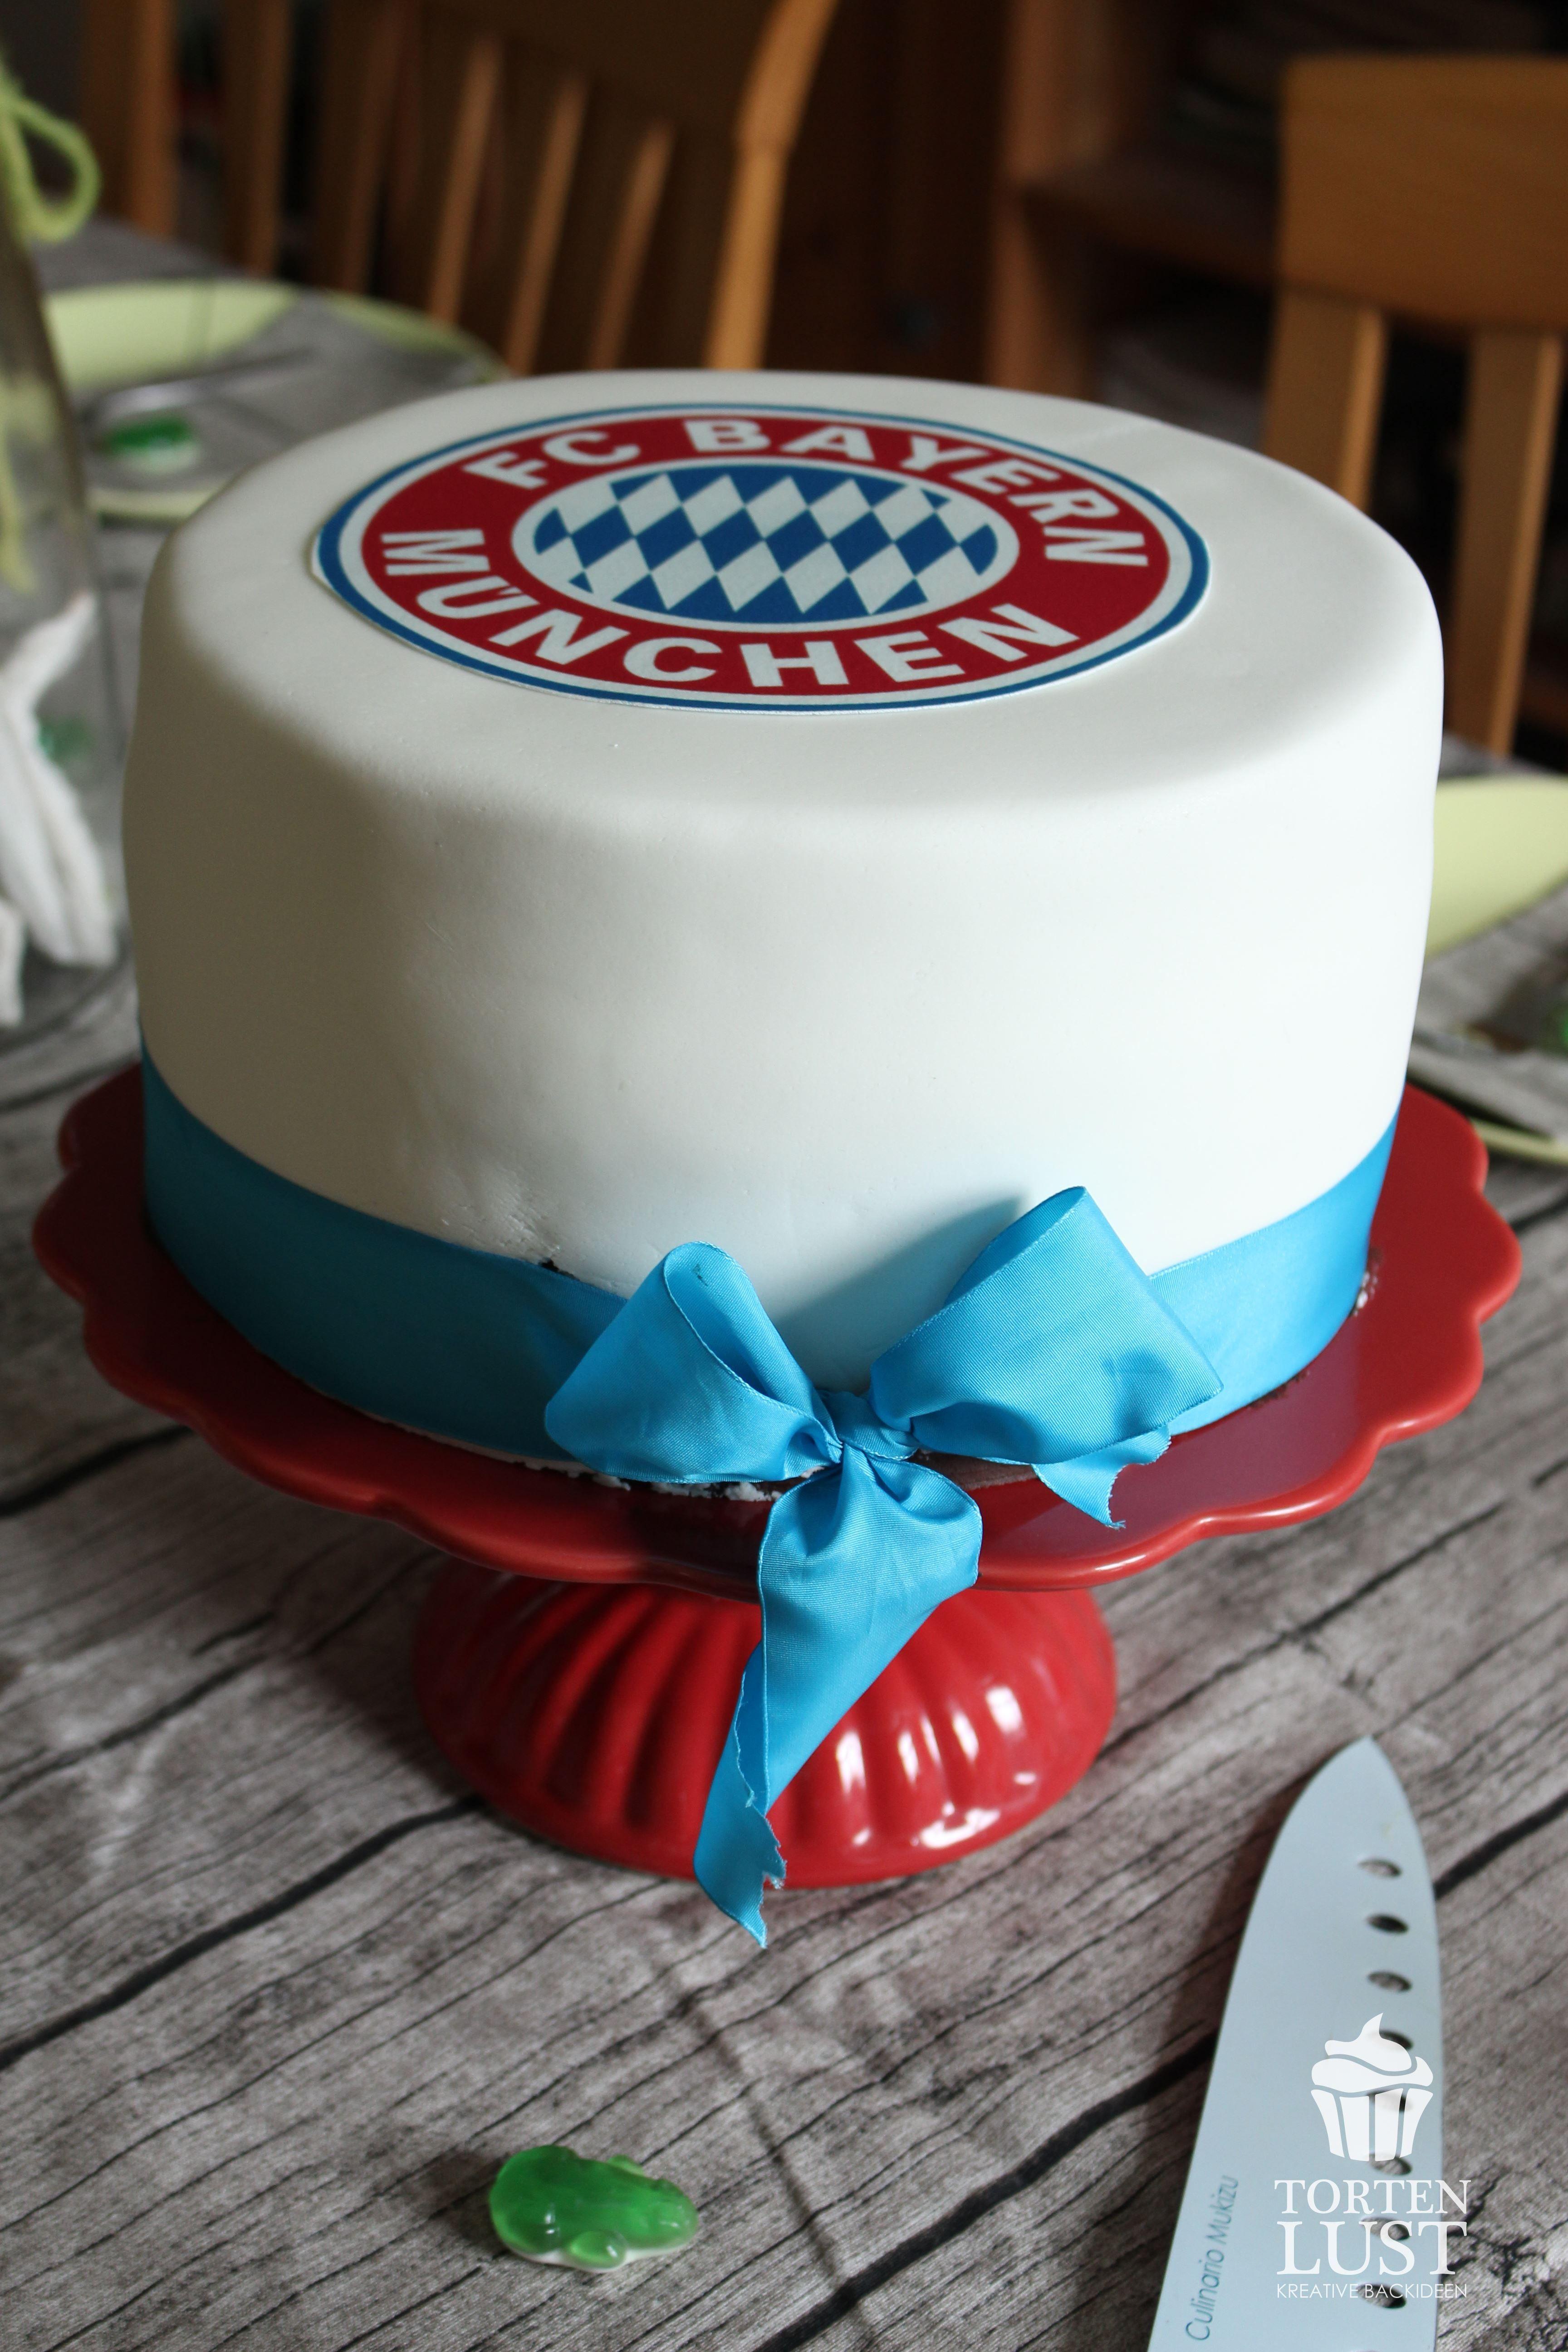 Minion torte kaufen berlin  Appetitlich FotoBlog fr Sie